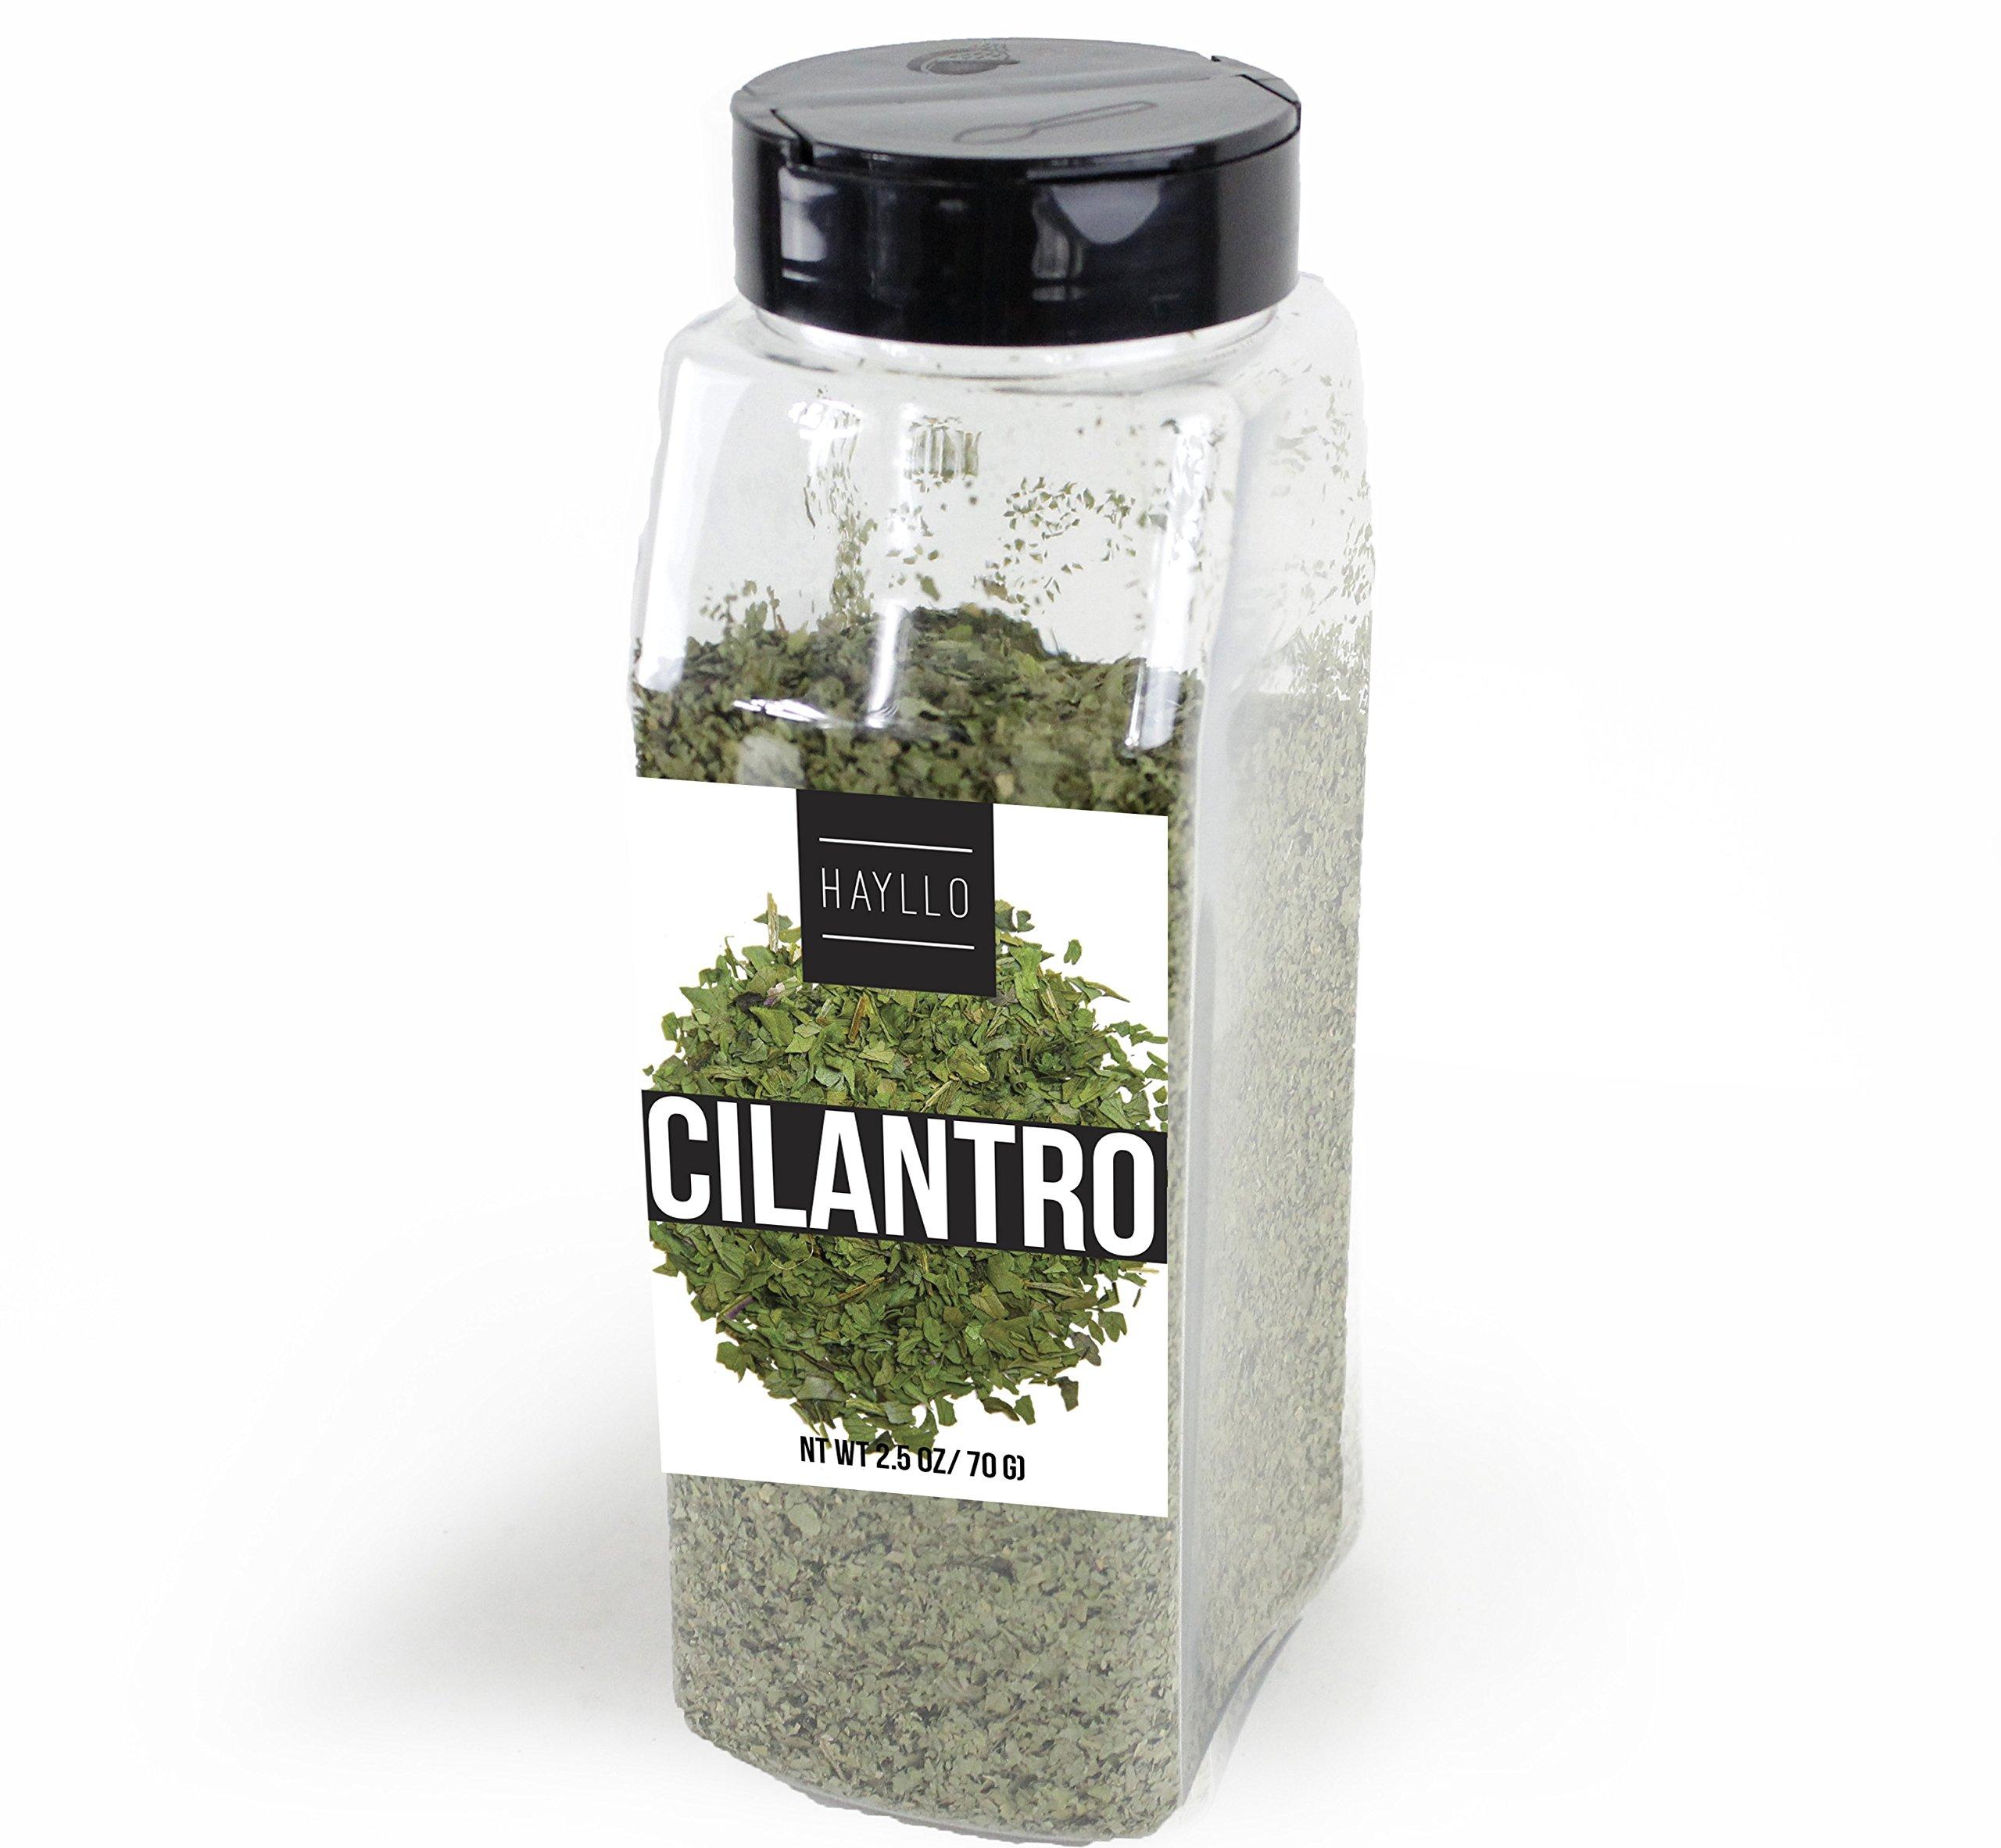 Hayllo Dried Cilantro , 2.5 Ounce by Hayllo (Image #3)